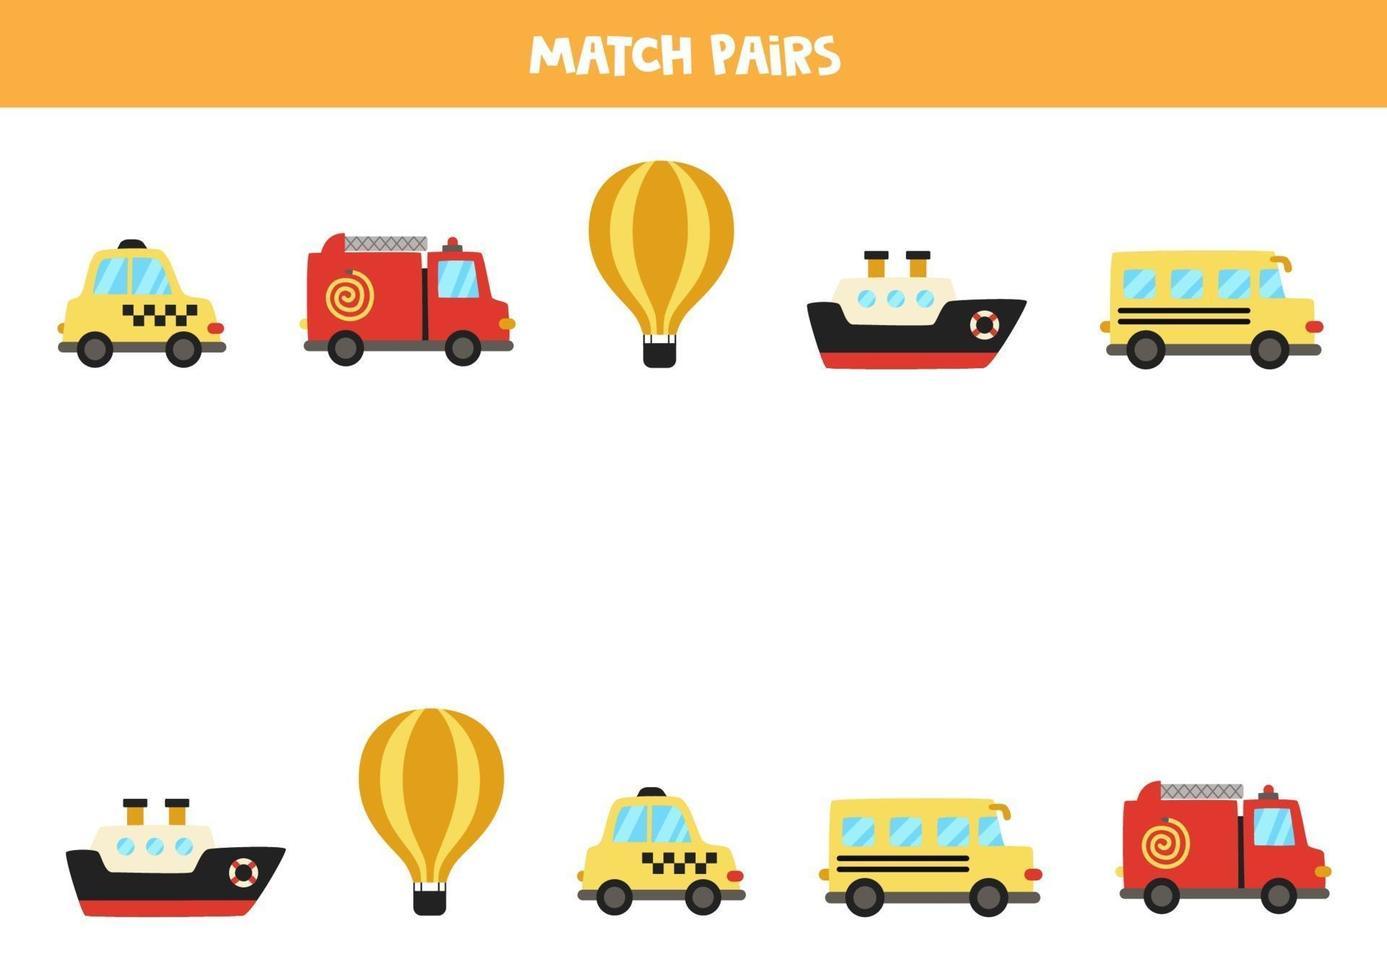 combinar pares de transporte de desenho animado. jogo lógico para crianças. vetor